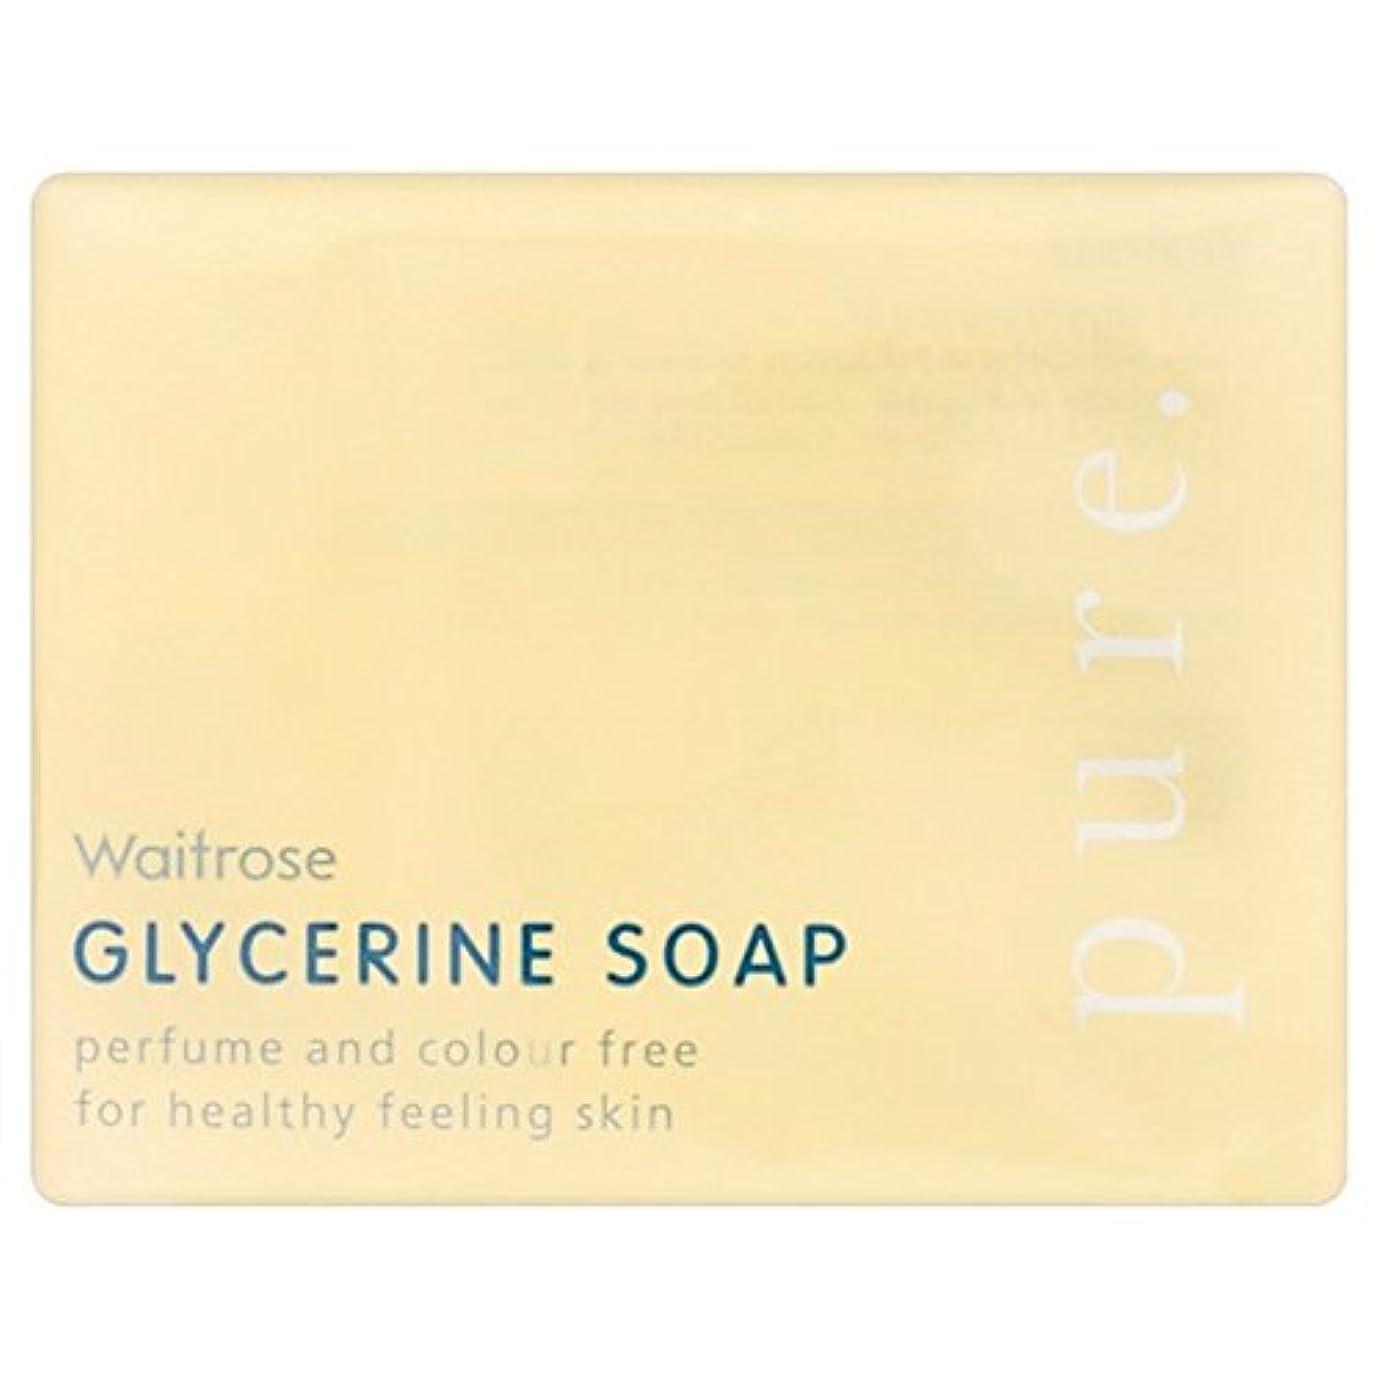 酸怪しいホーン純粋なグリセリンソープウェイトローズの100グラム x2 - Pure Glycerine Soap Waitrose 100g (Pack of 2) [並行輸入品]